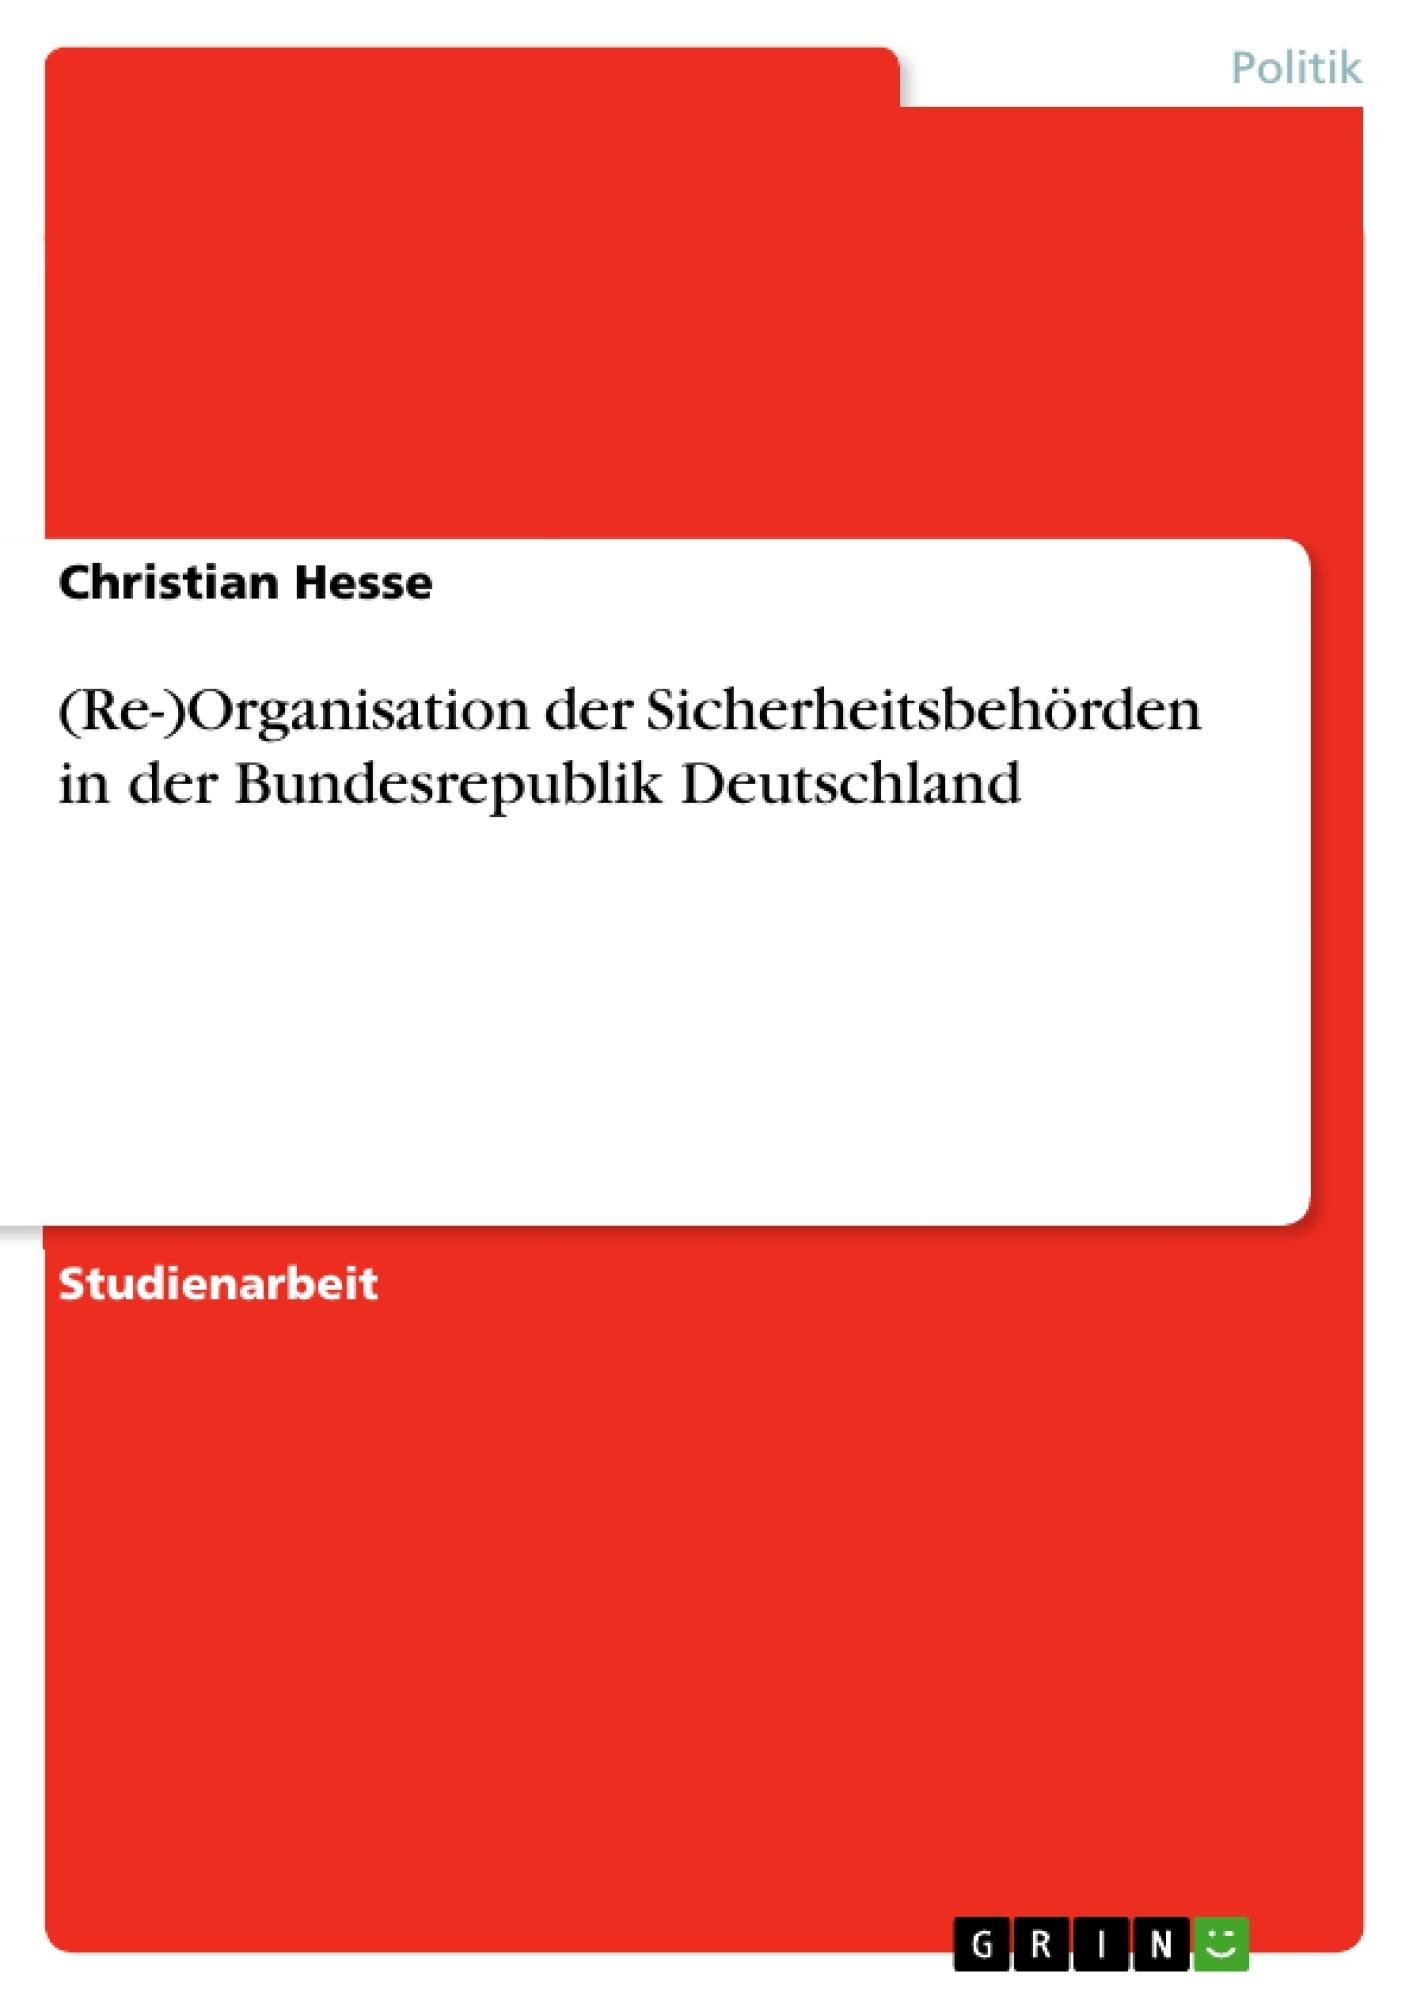 Titel: (Re-)Organisation der Sicherheitsbehörden in der Bundesrepublik Deutschland